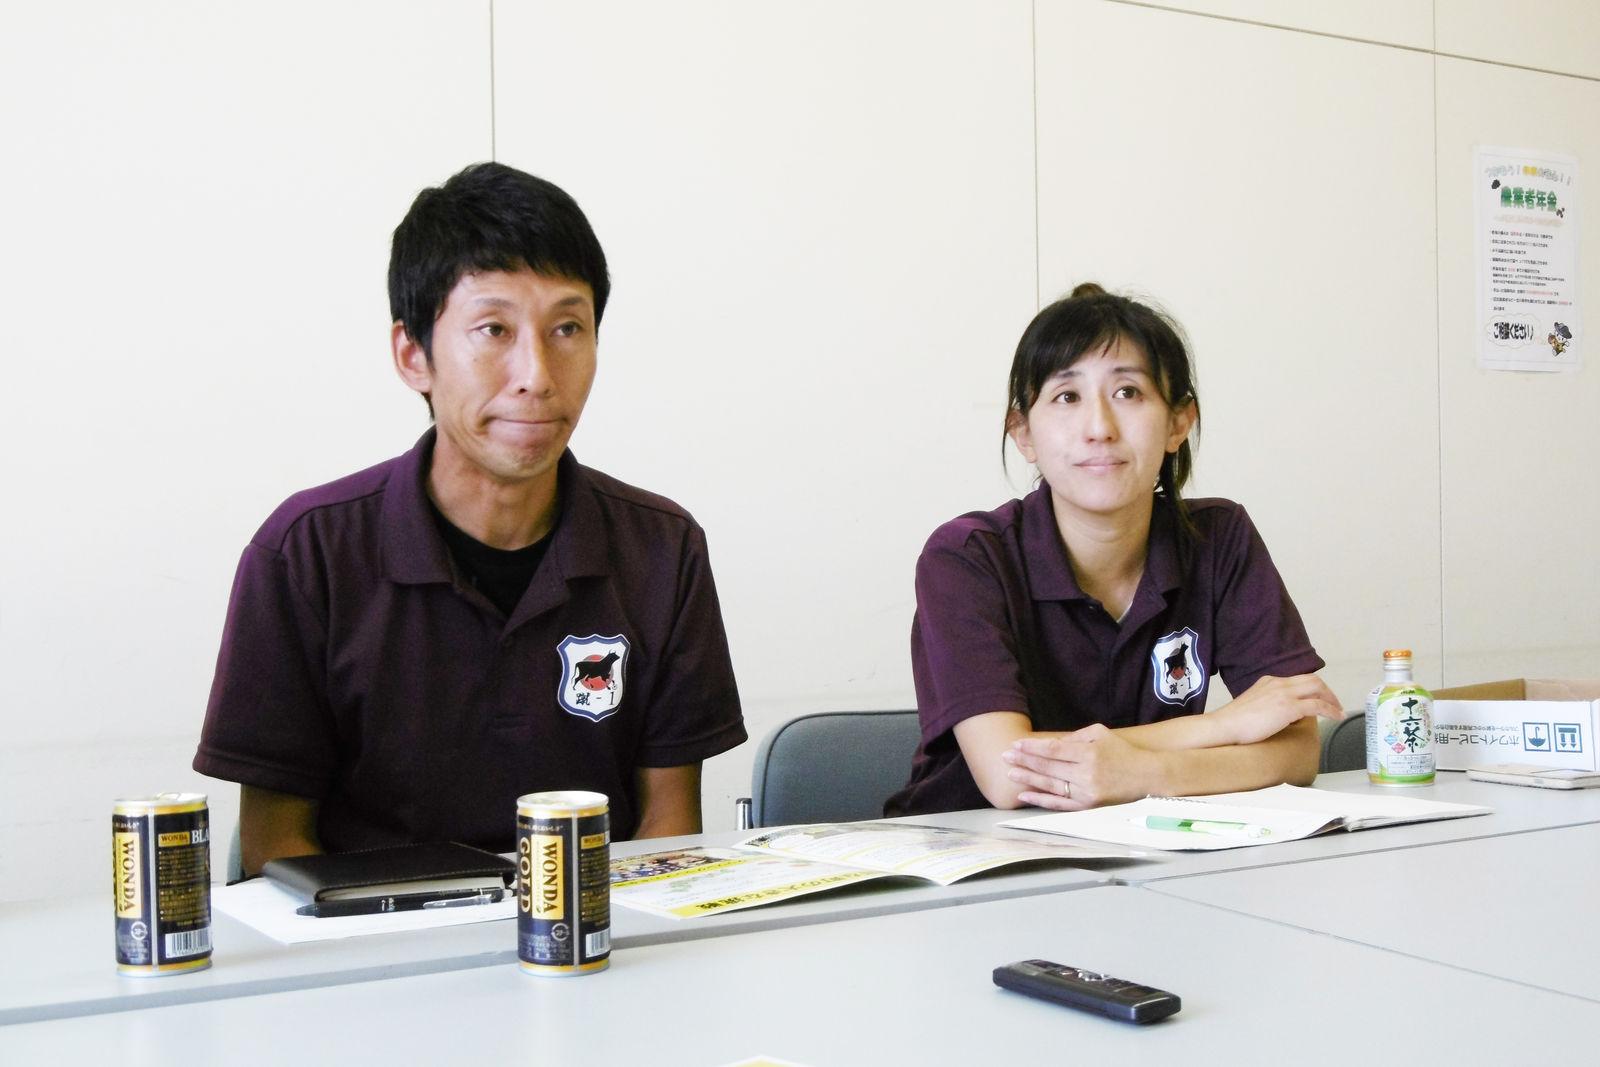 蹴-1GP実行委員会の河野仁志さんと河野景子さん。蹴-1GPを口蹄疫からの復興の明るいシンボルにして町民の笑顔が見たいと語ります